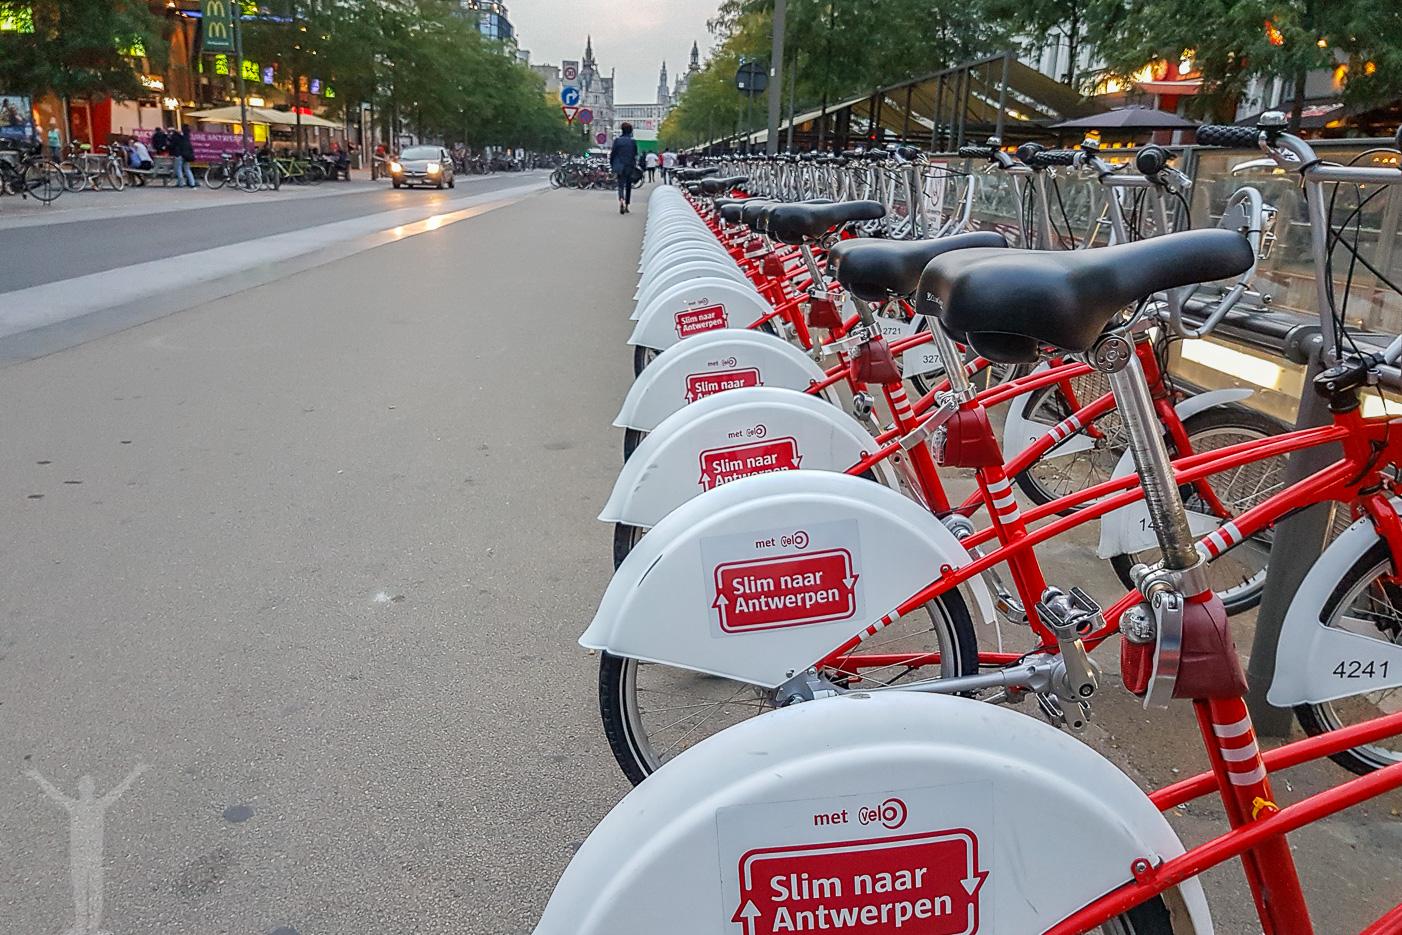 Hyr en cykel i Antwerpen